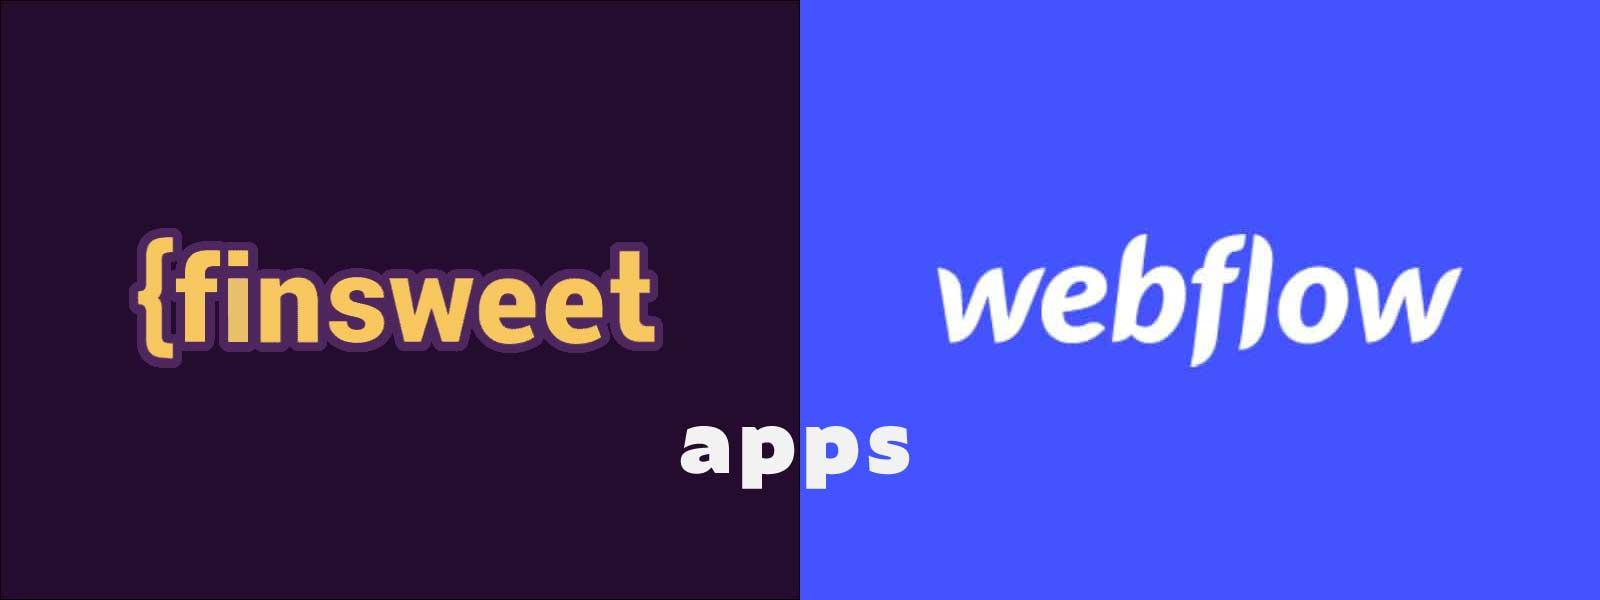 finsweet en webflow logo